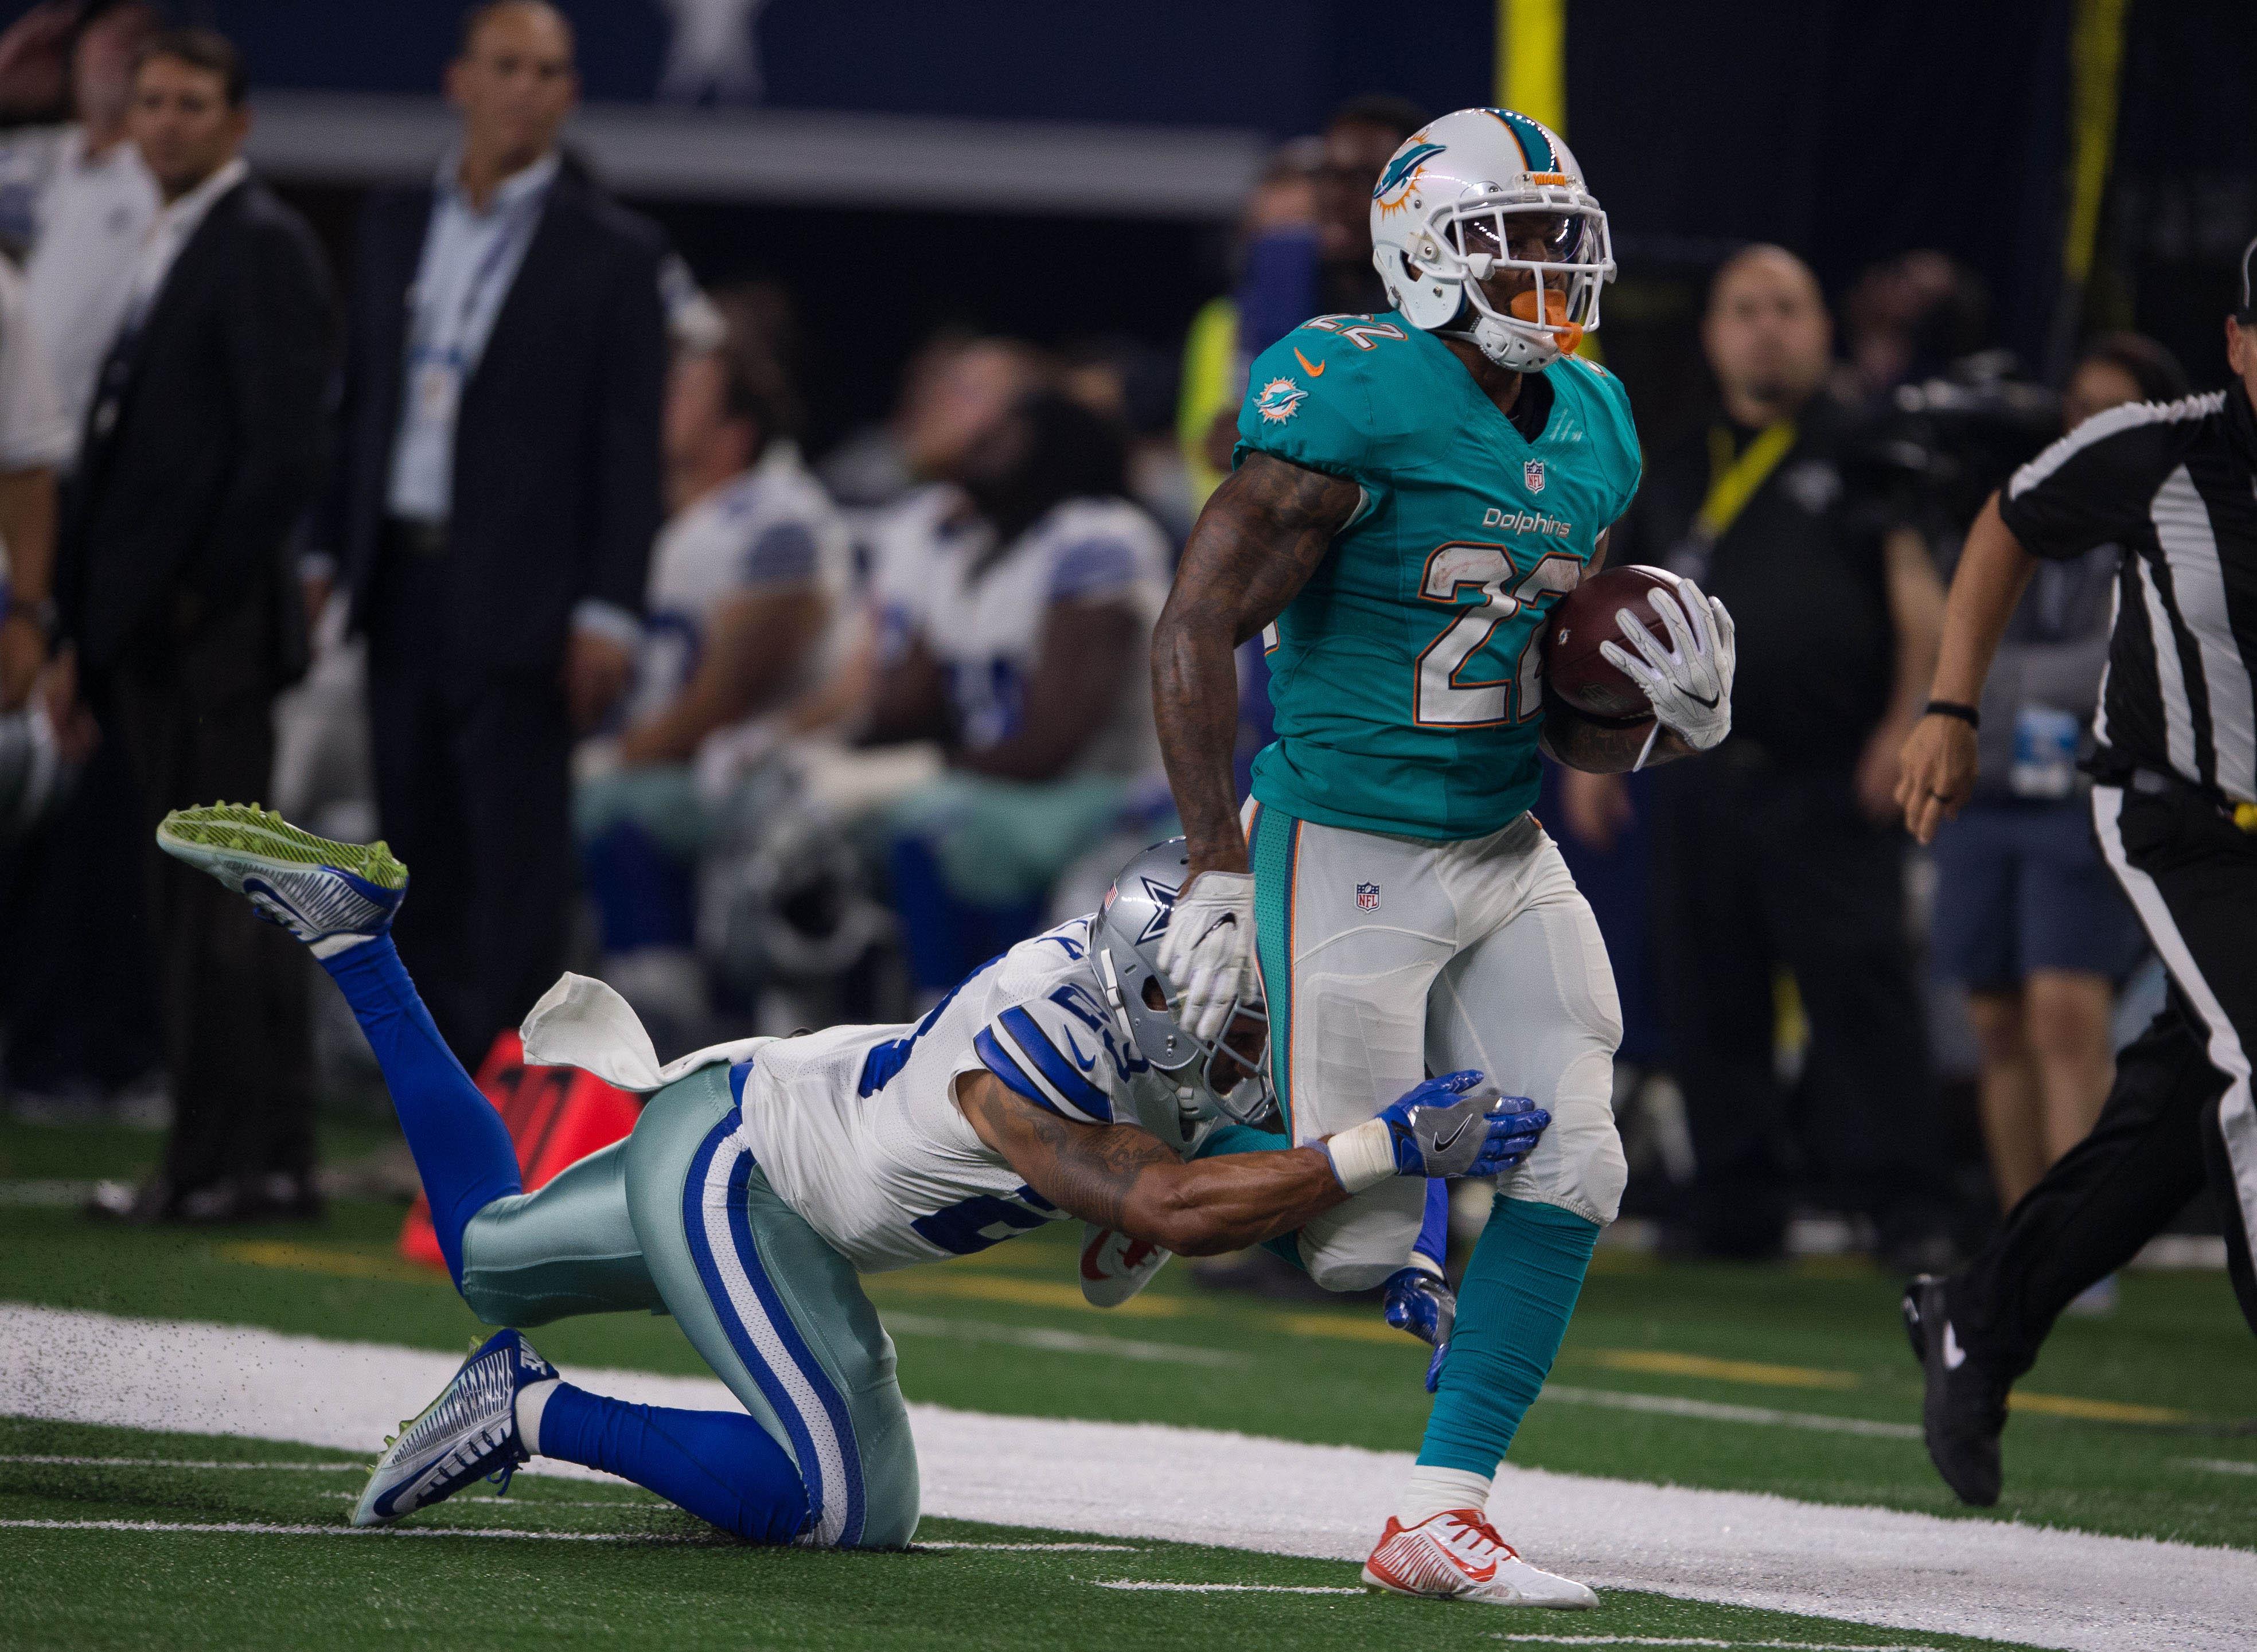 NFL: Preseason-Miami Dolphins at Dallas Cowboys